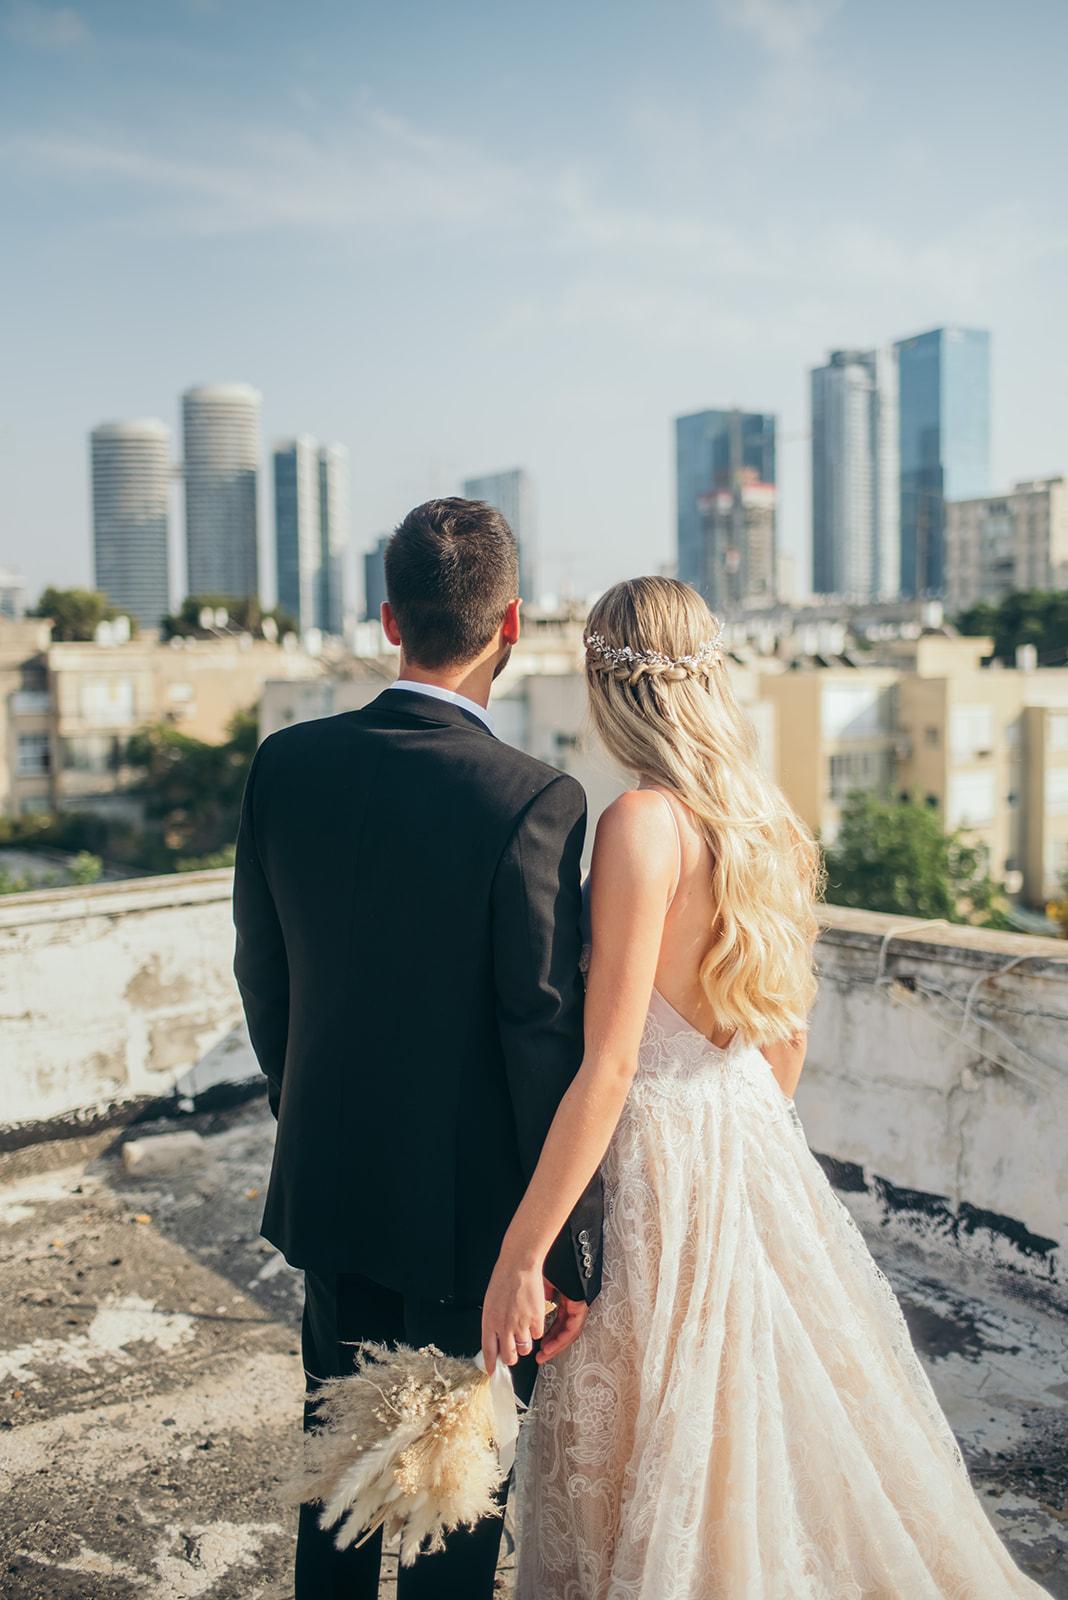 מוארת: החתונה של מור ושמואל